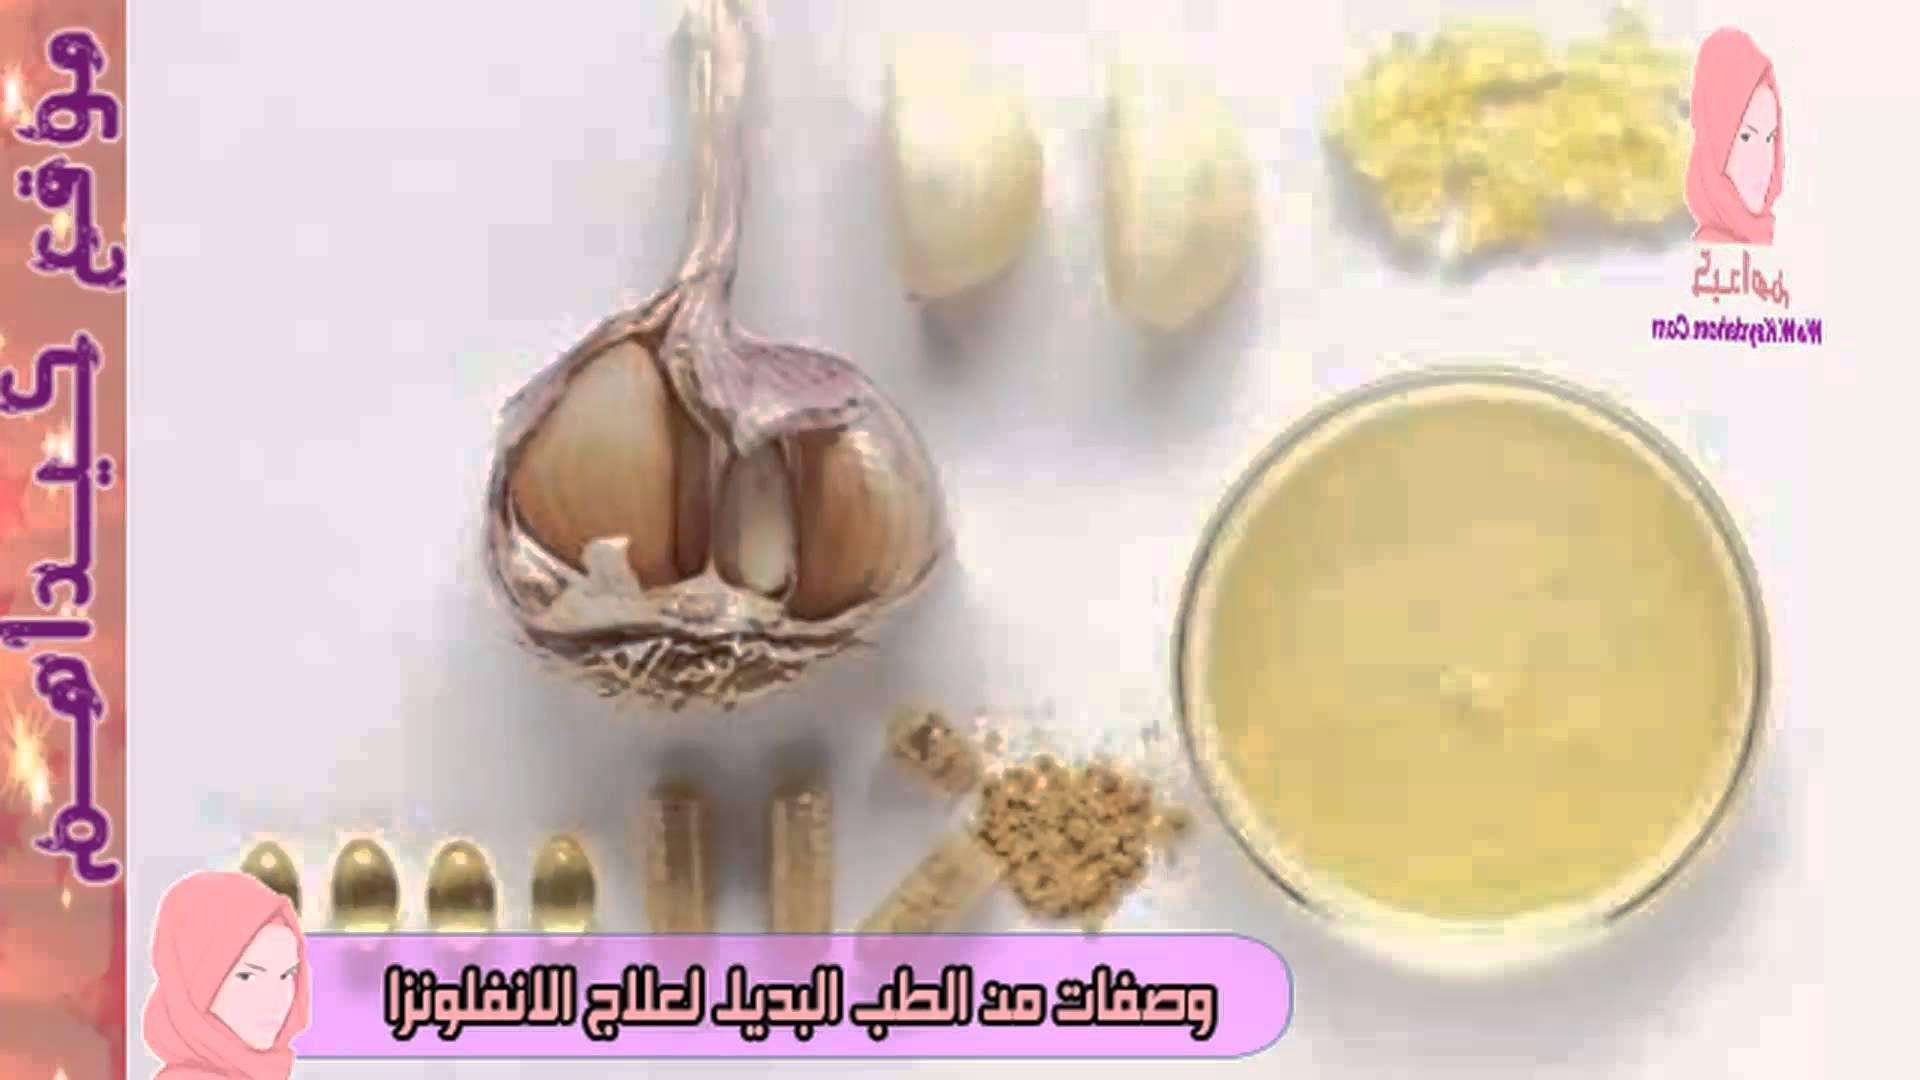 علاج قوي وطبييعي لالتهاب الحلق والزكام والانفلونزا Hd Food Vegetables